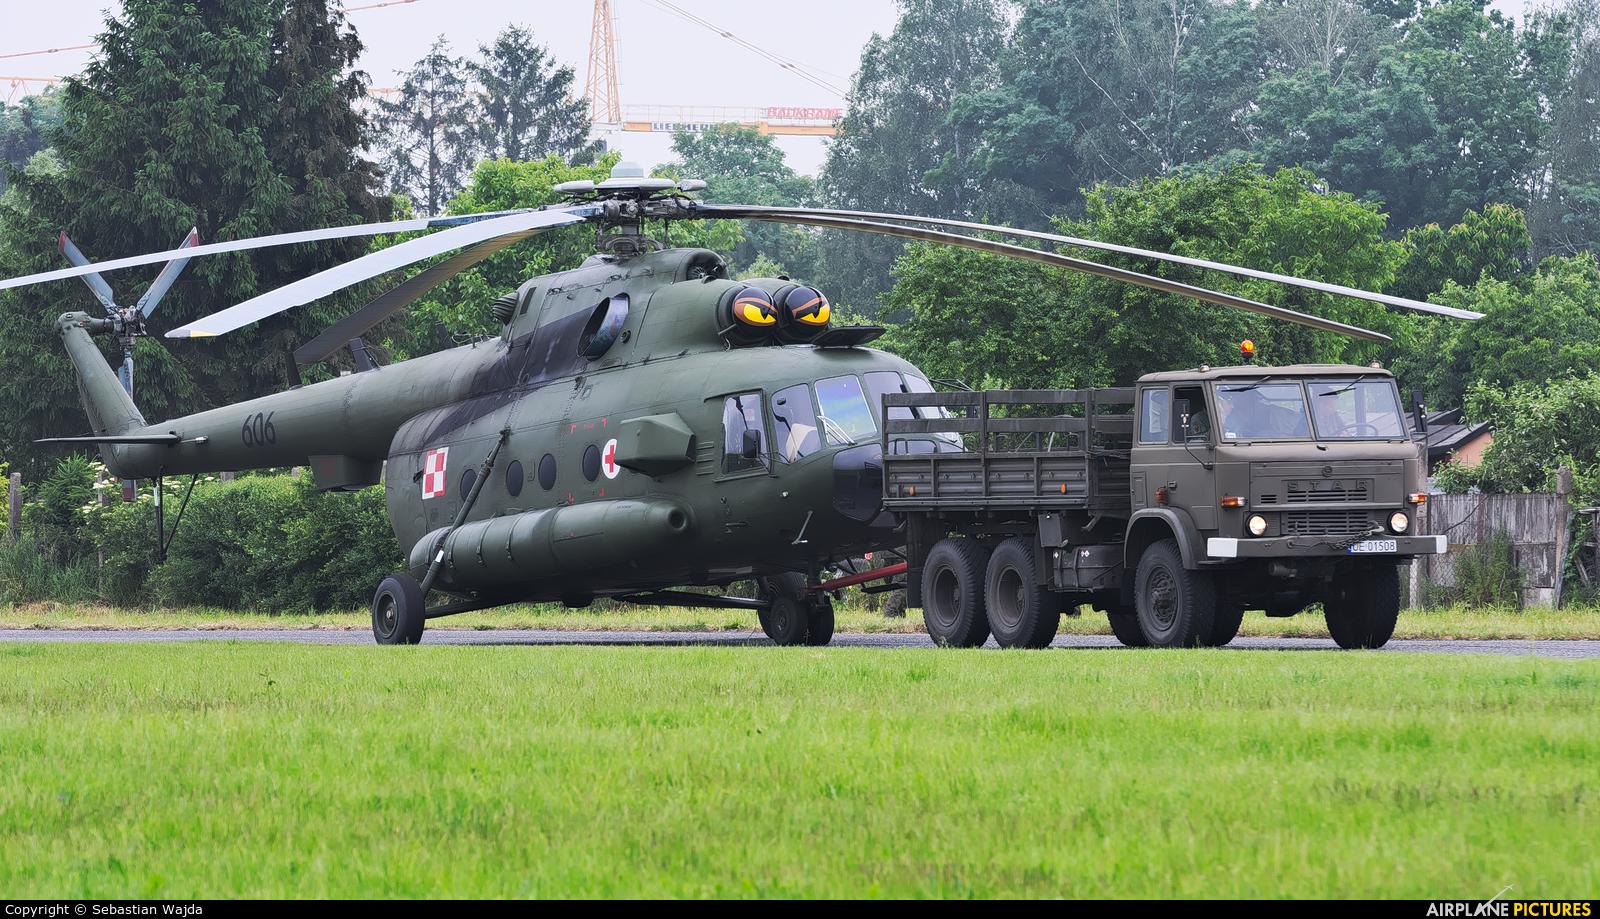 Poland - Army 606 aircraft at Pruszcz Gdański